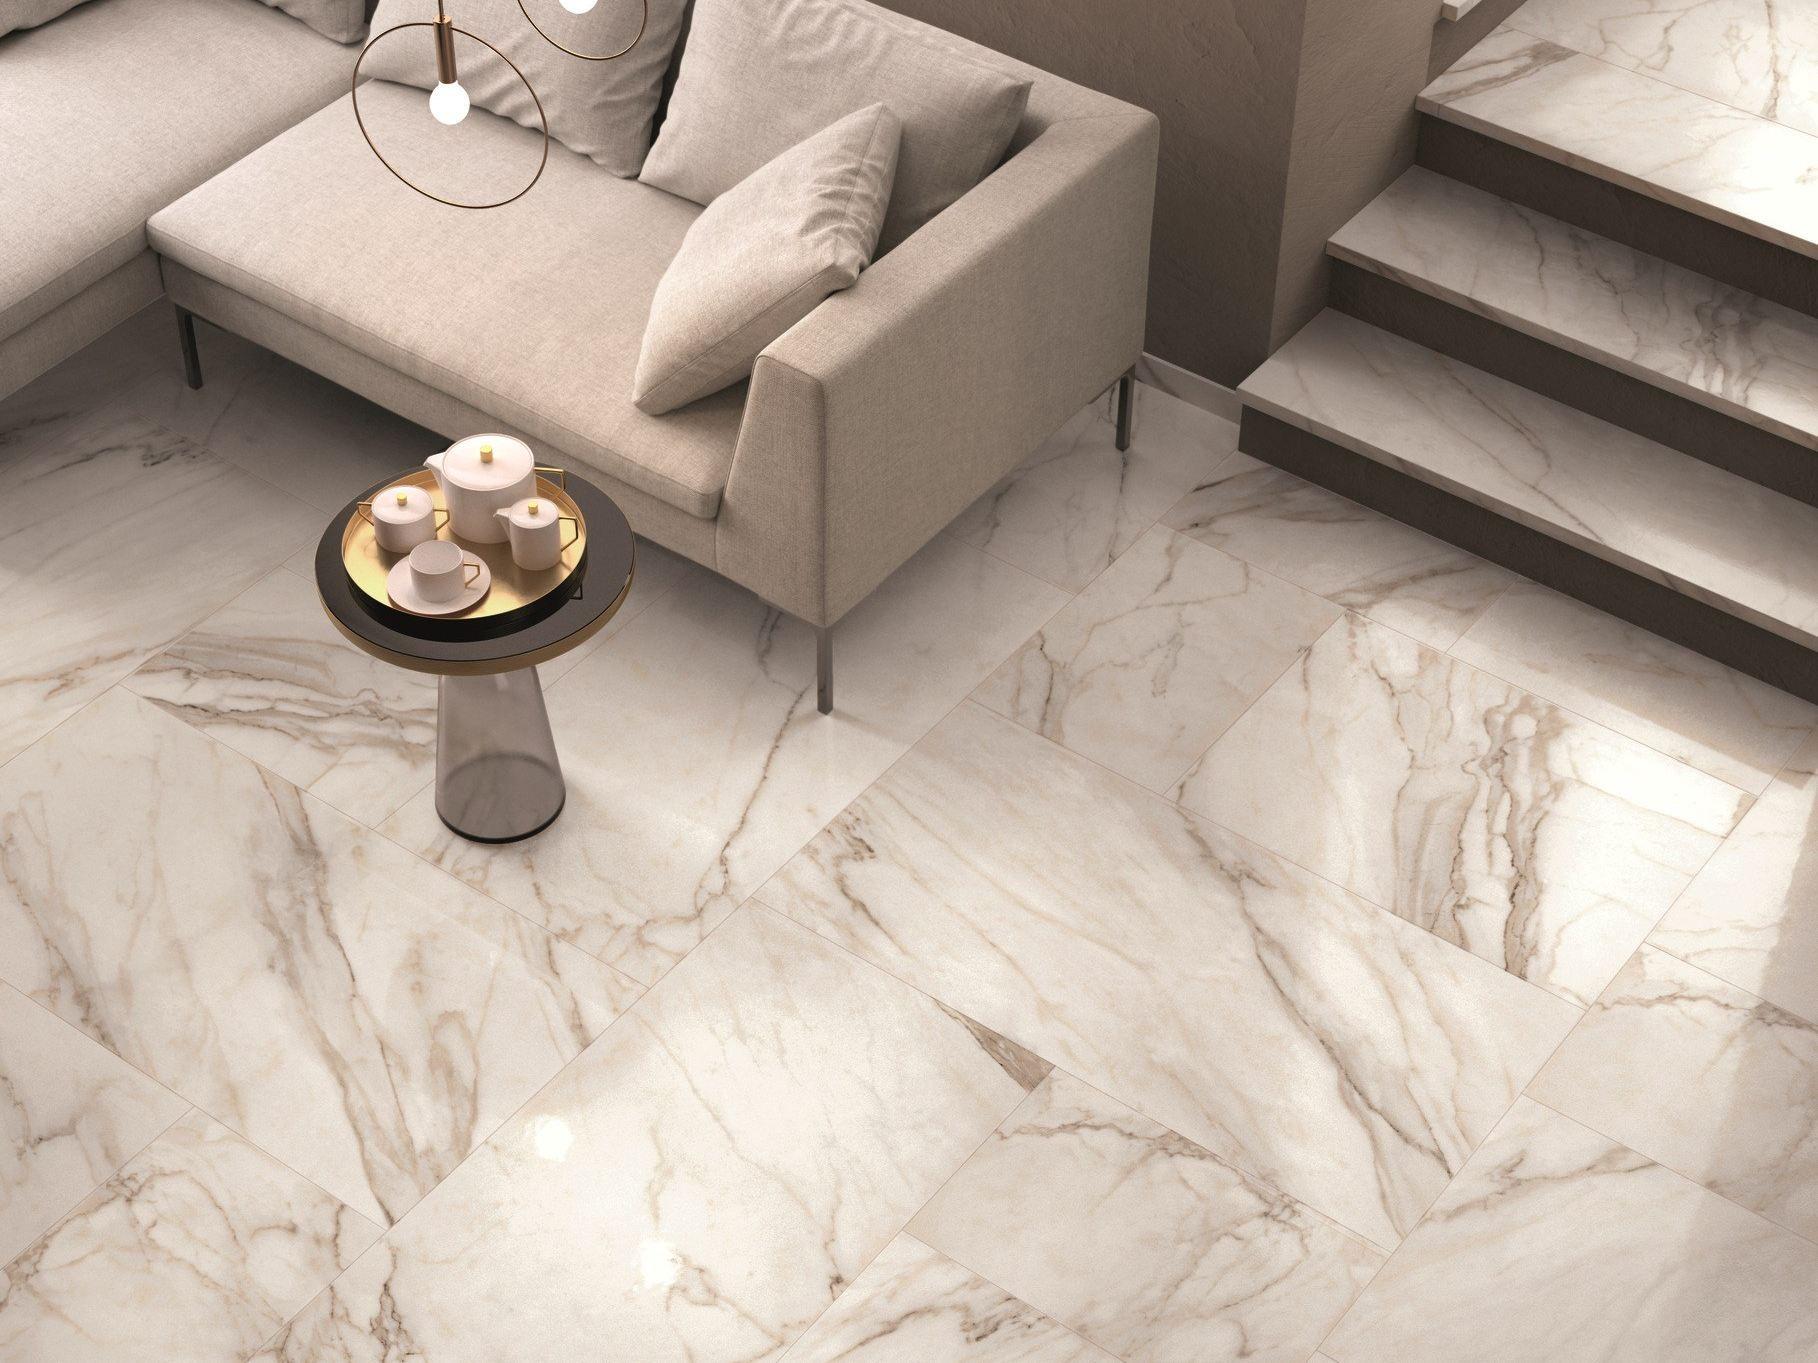 Golden calacatta mix floor anticato a home decor - Flaviker fliesen ...